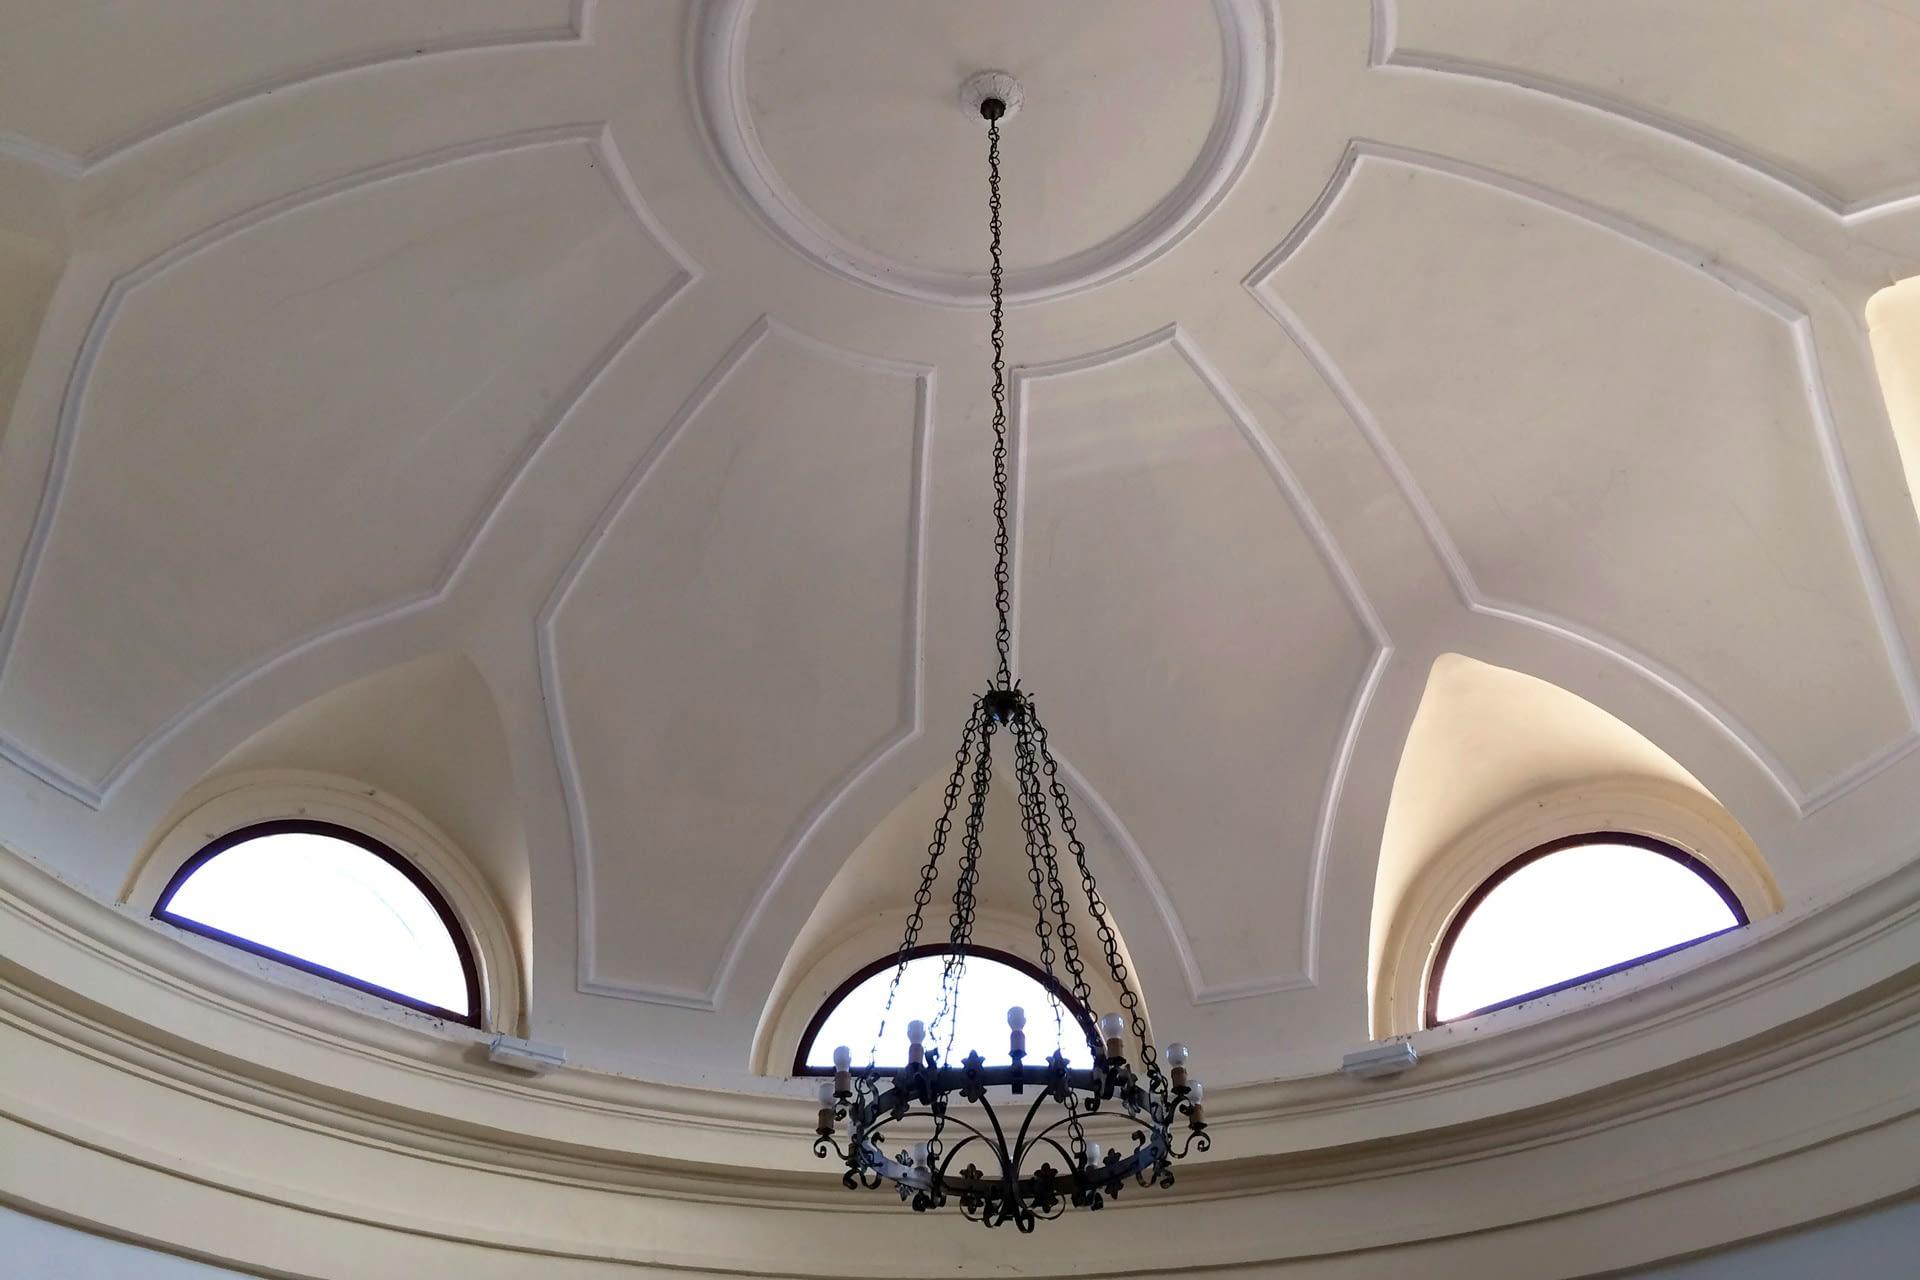 Anguillara Veneta_Dettaglio del soffitto dell'Oratorio del Capitello